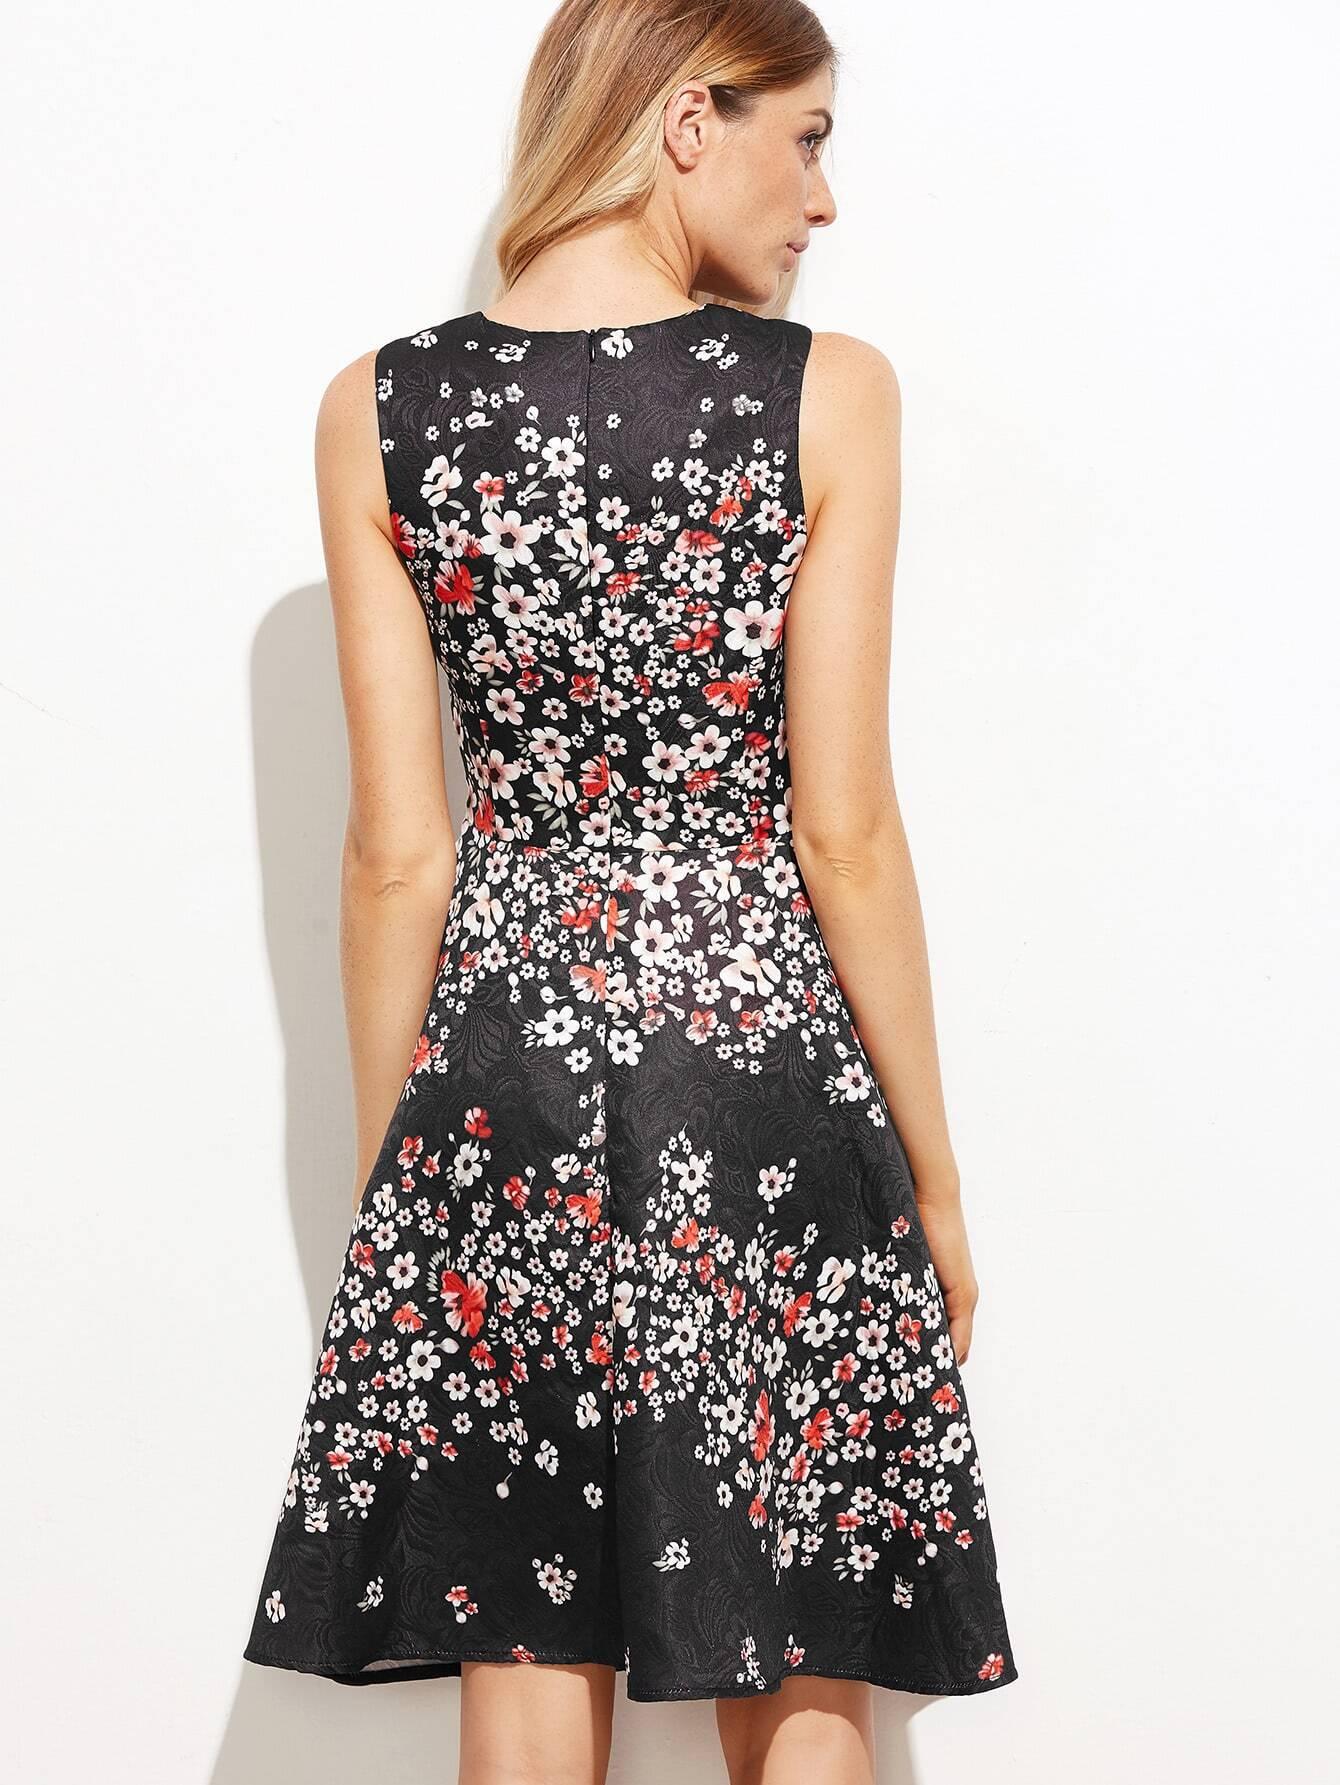 dress161011712_2